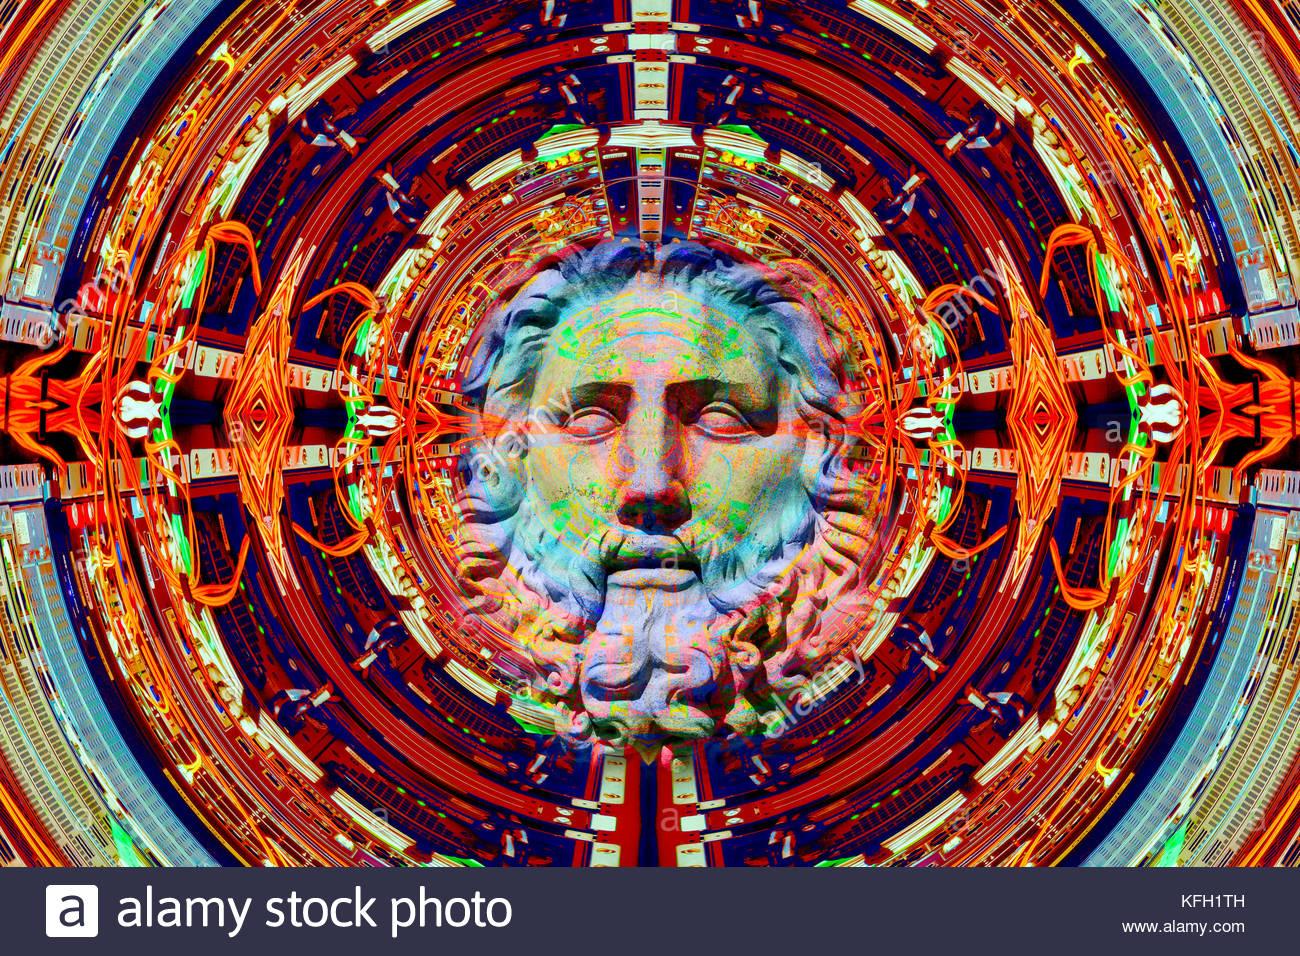 La inteligencia artificial que emergen de una red informática ciencia y religión dios la singularidad Imagen De Stock